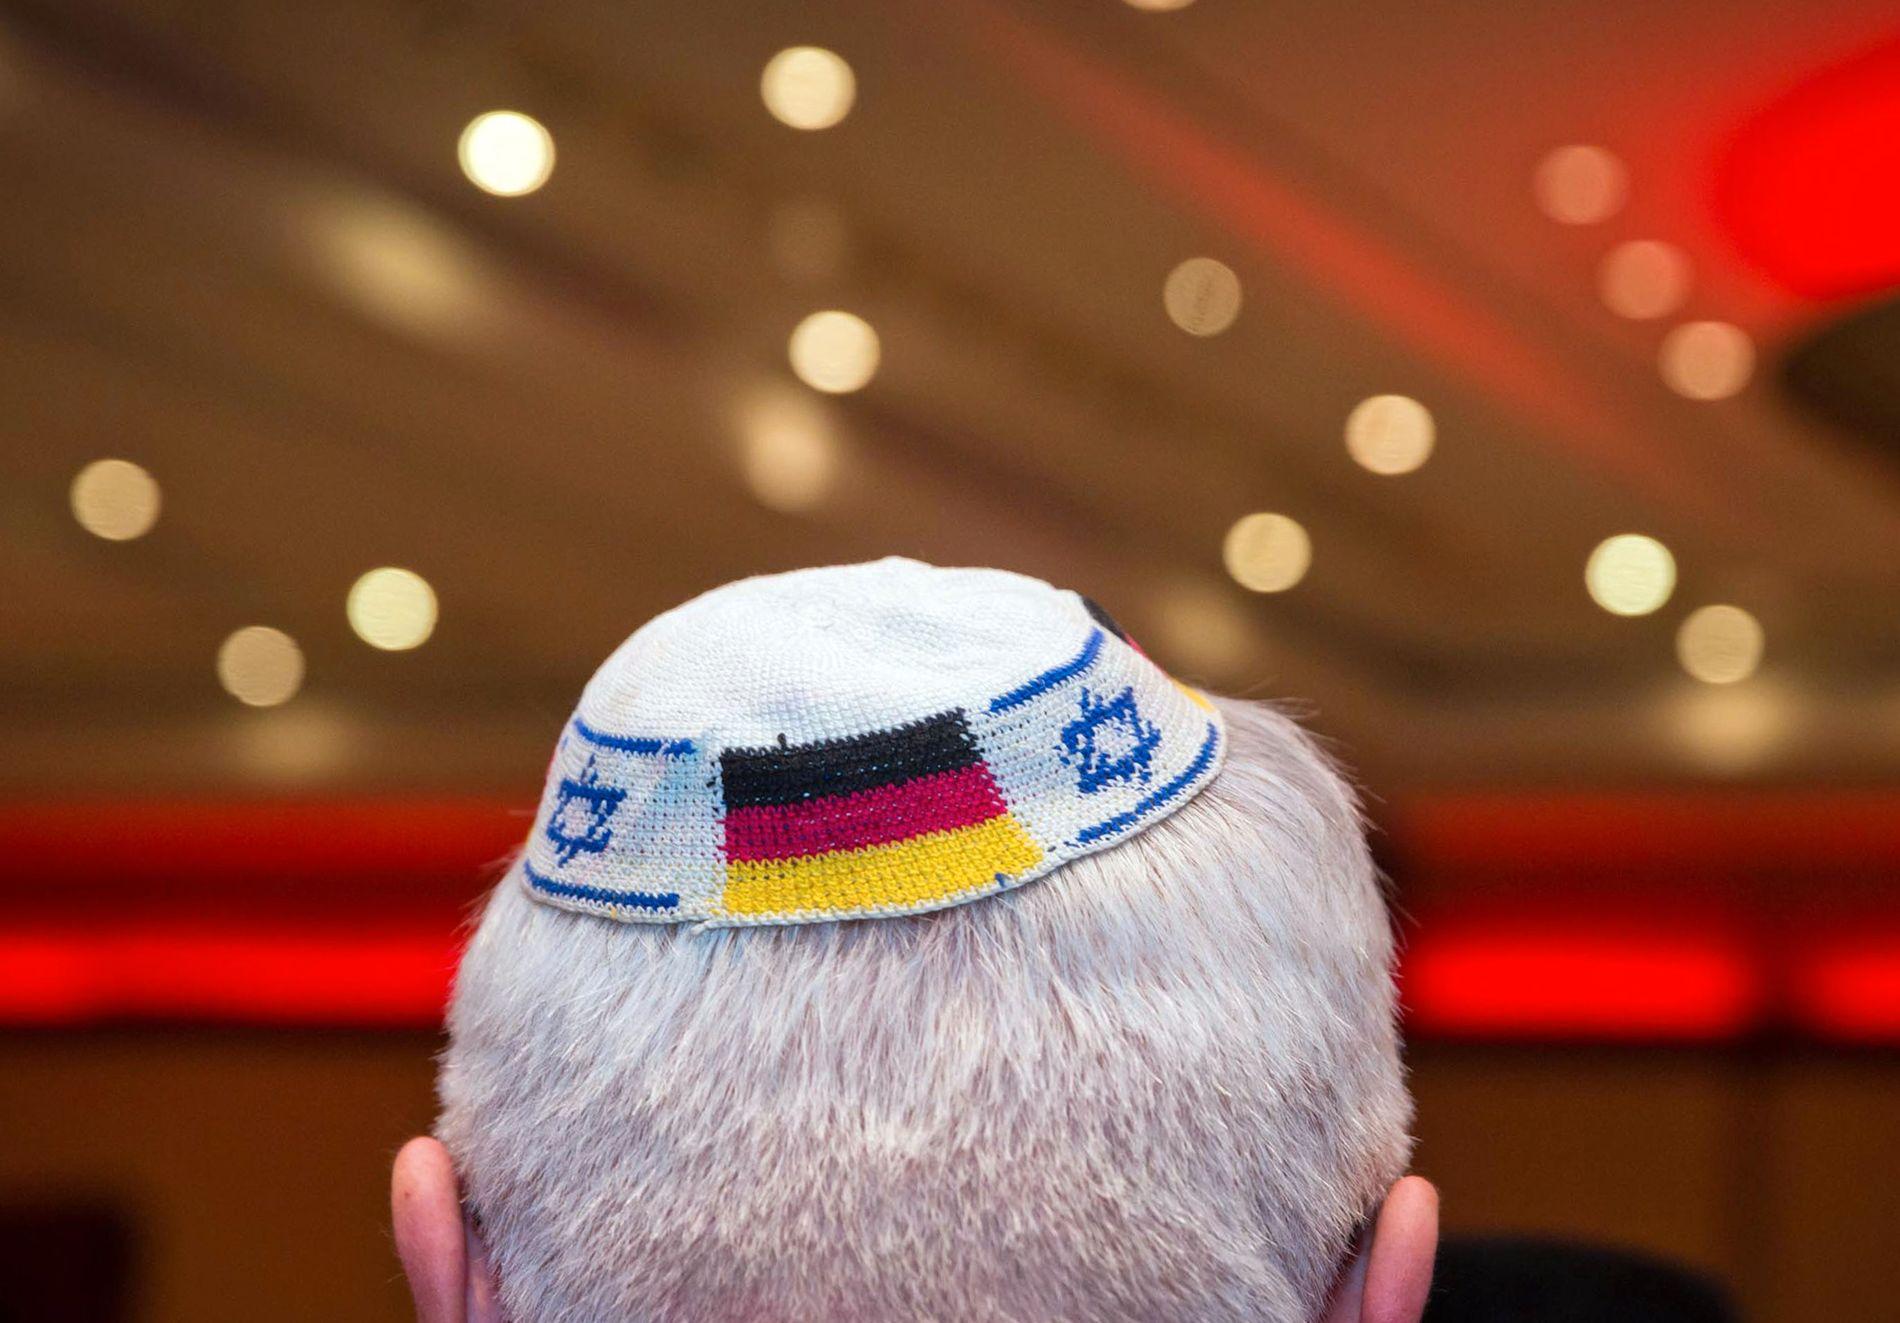 KIPPA: En mann bruker en kippa, en jødisk kalott, dekorert med det israelske og tyske flagget. Nå slår Israels president alarm om det han mener er jøders manglende trygghet på tysk jord.